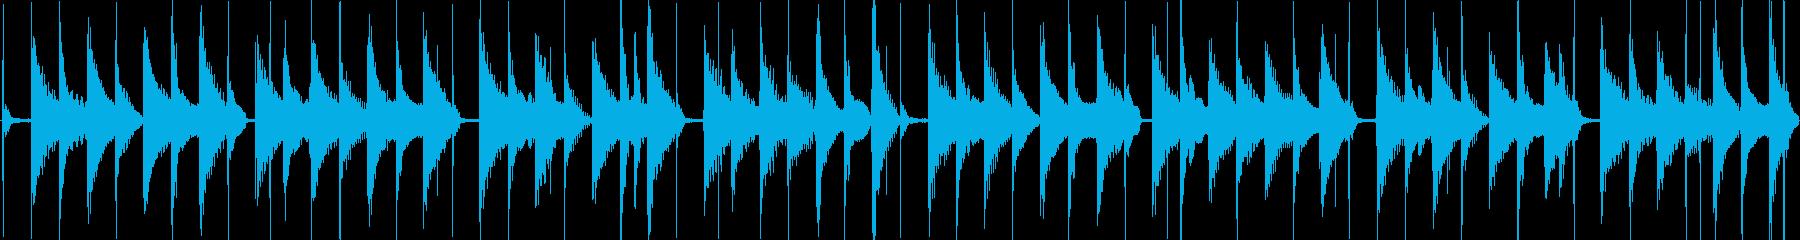 軽快で平和な日常系エレクトロニカの再生済みの波形